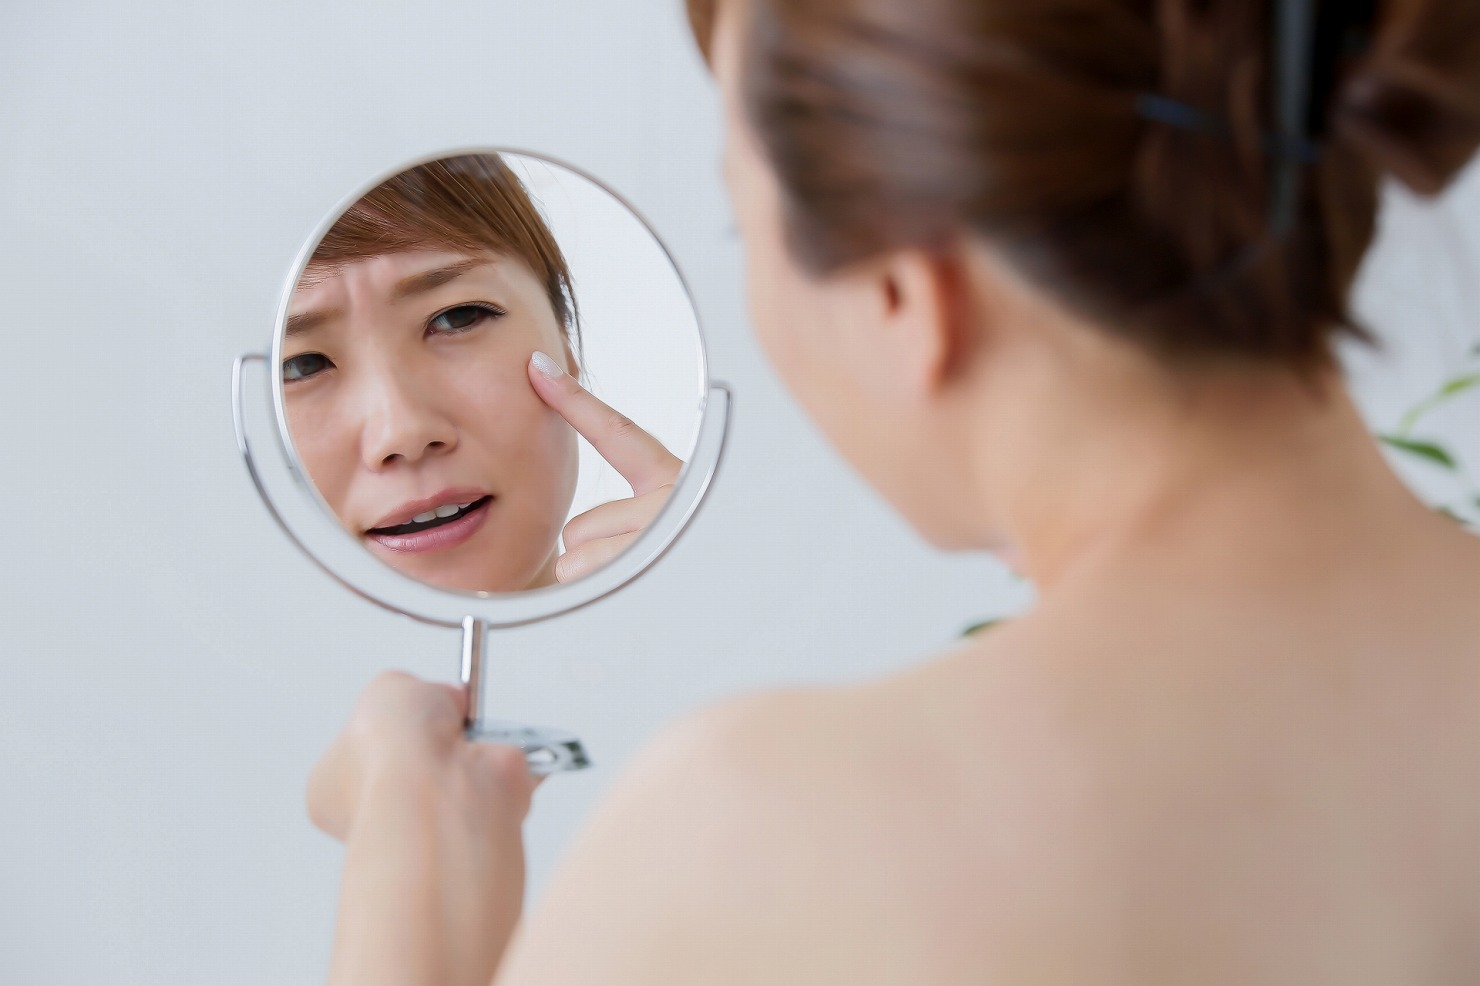 シミやそばかすに悩むママ向け! おすすめ化粧水3選